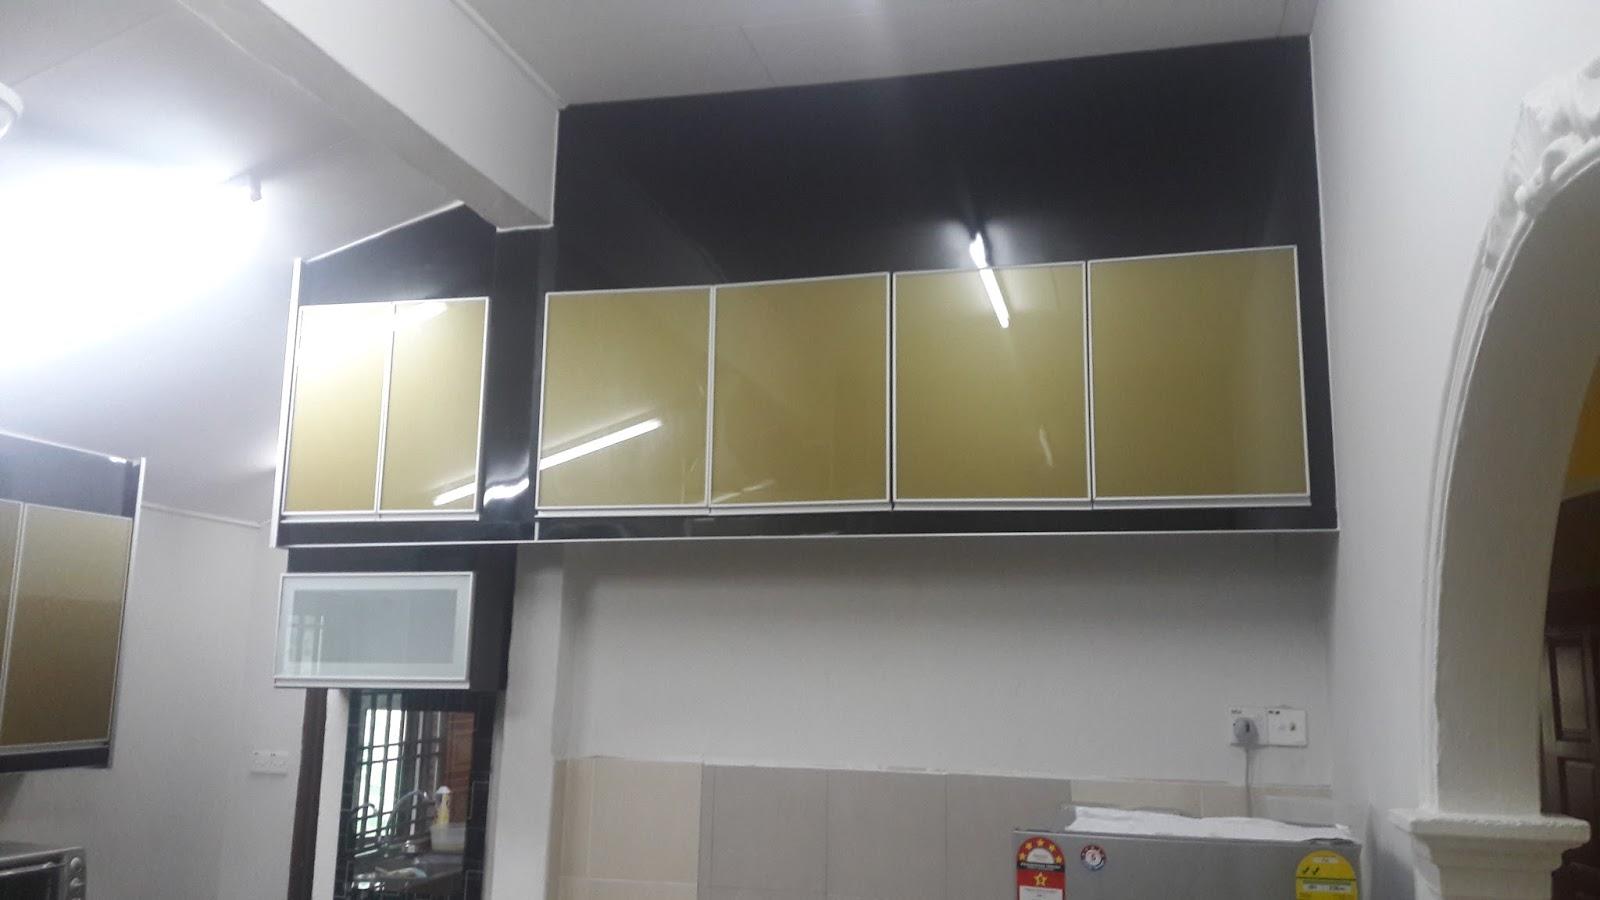 Halim Kita Ni Telah Membuat Selection 5 Kontraktor Perabut Dan Alhamdulillah Rezeki Berpihak Kepada Kami Jom Lihat Beberapa Koleksi Kabinet Dapur